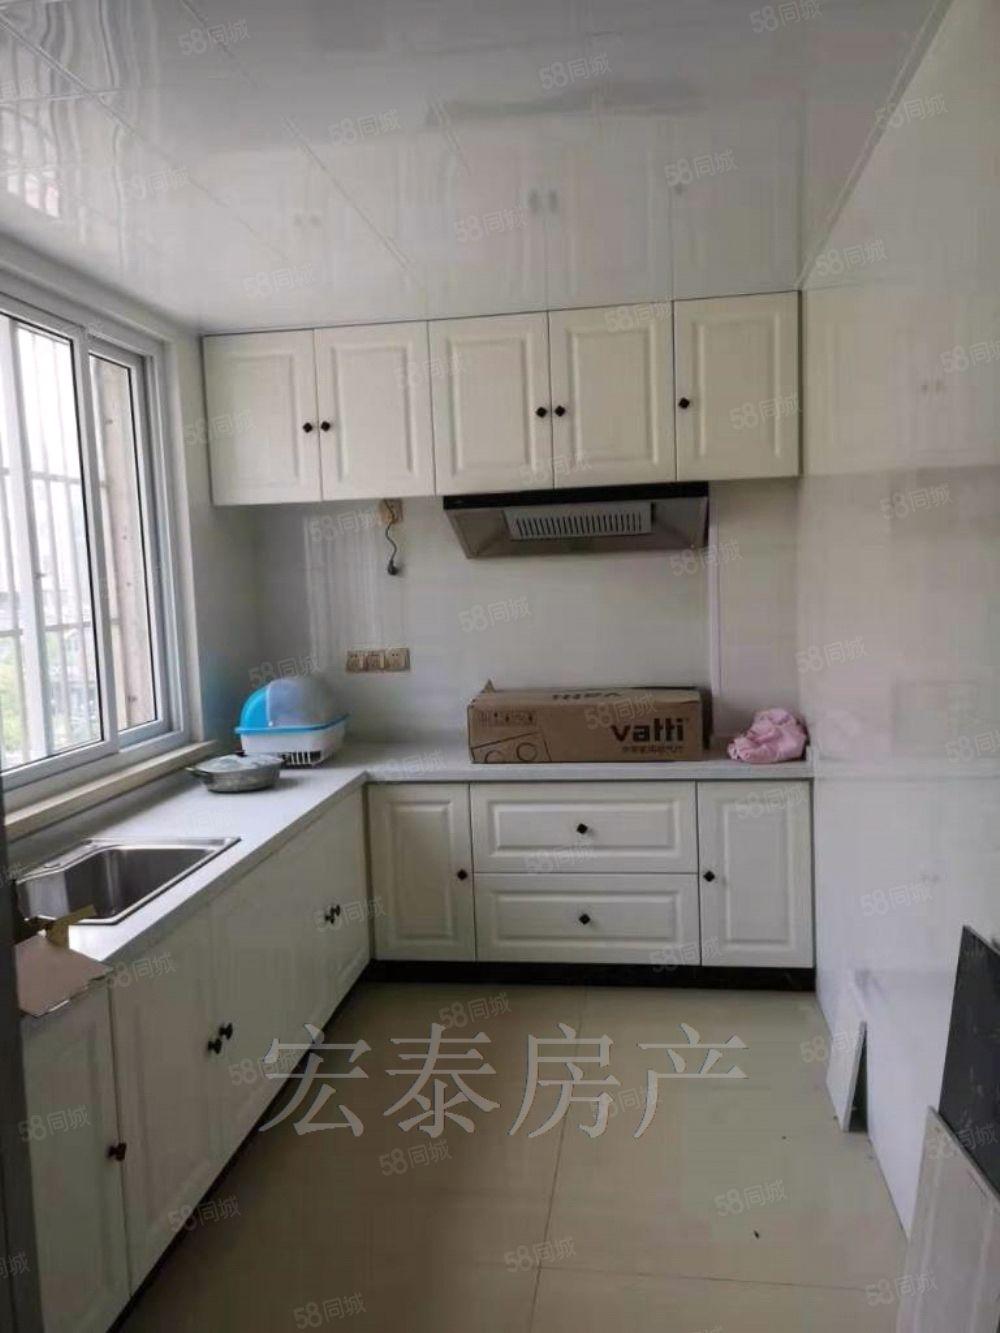 出售老實小沛初中鼓樓小區中裝4樓3室78平,51萬